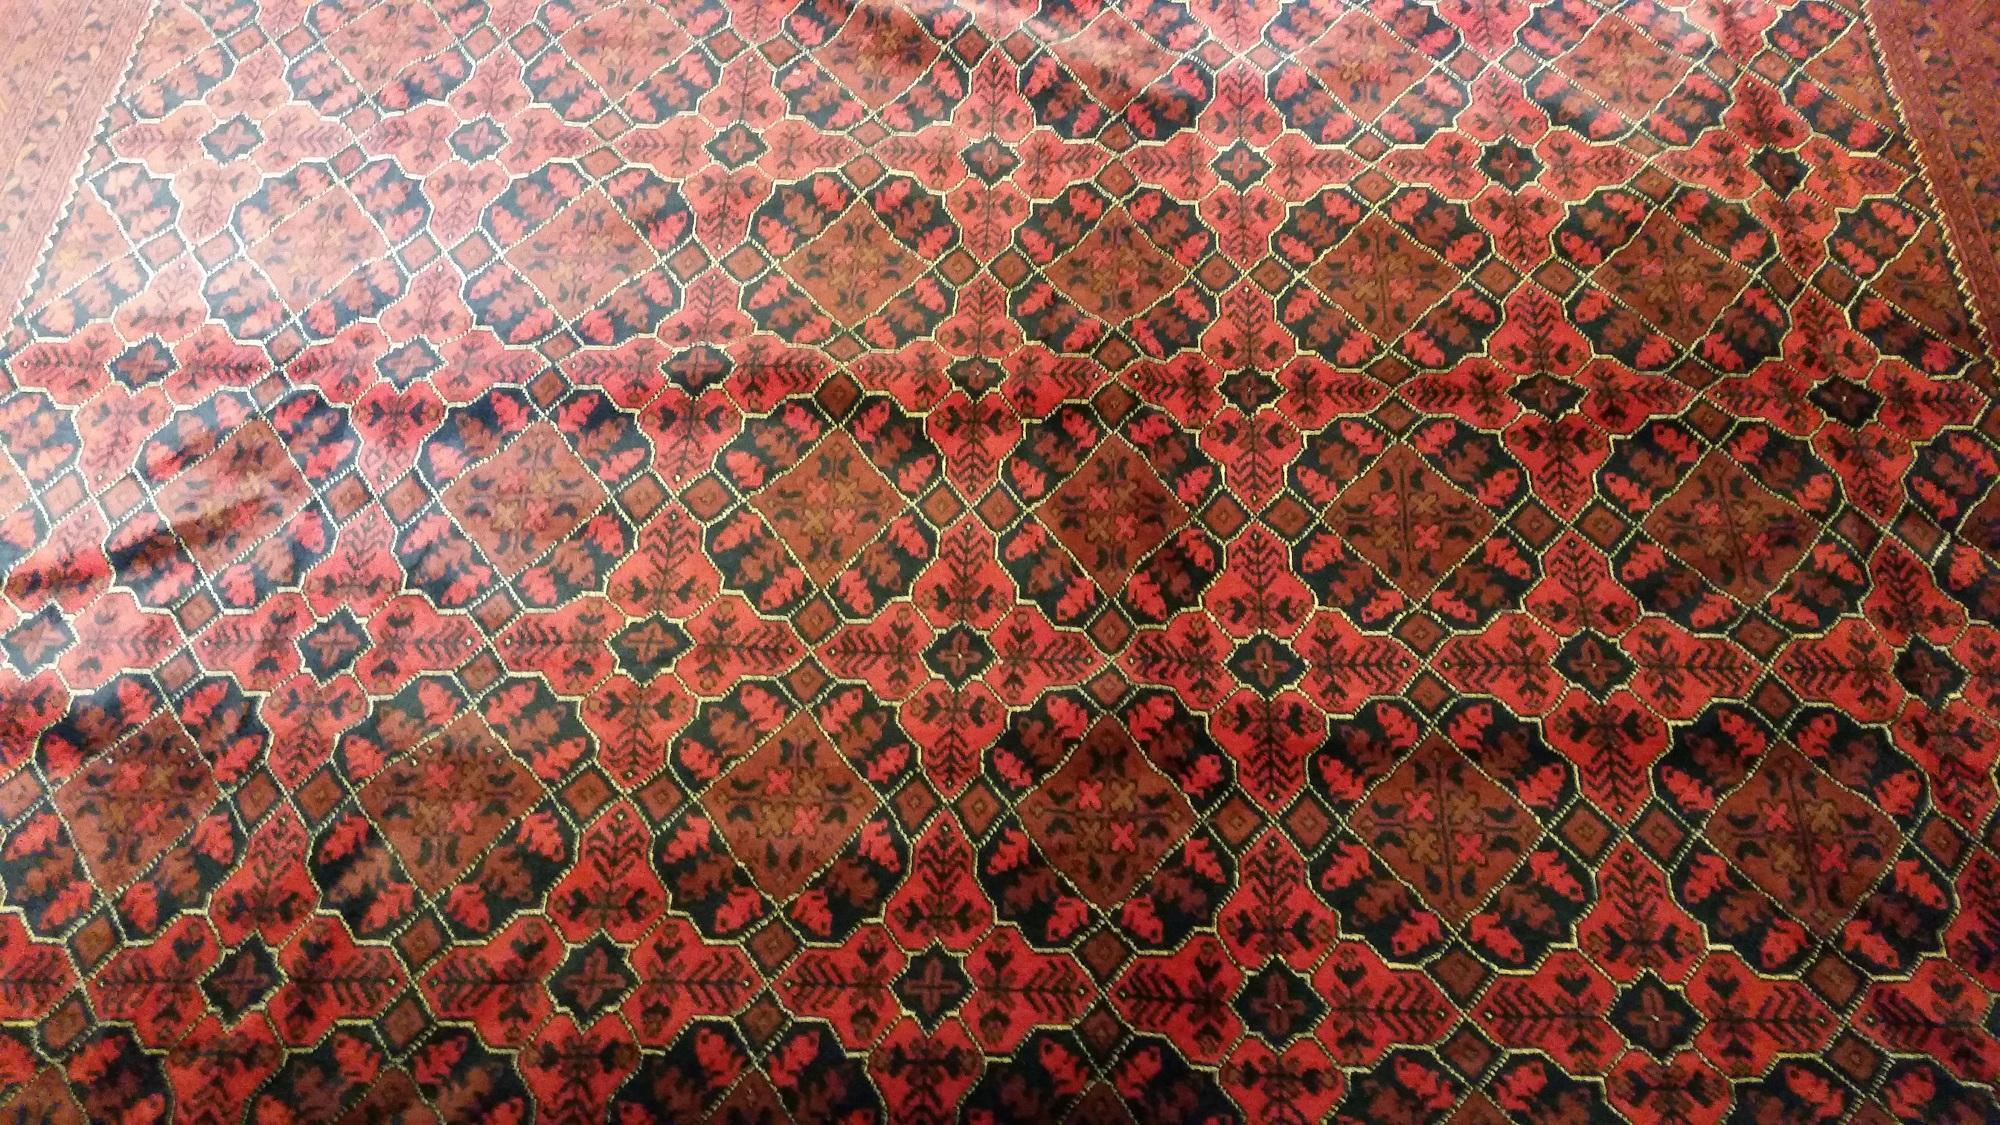 枝术雄厚羊毛地毯 地毯还是淅川亚美厂的好! 3